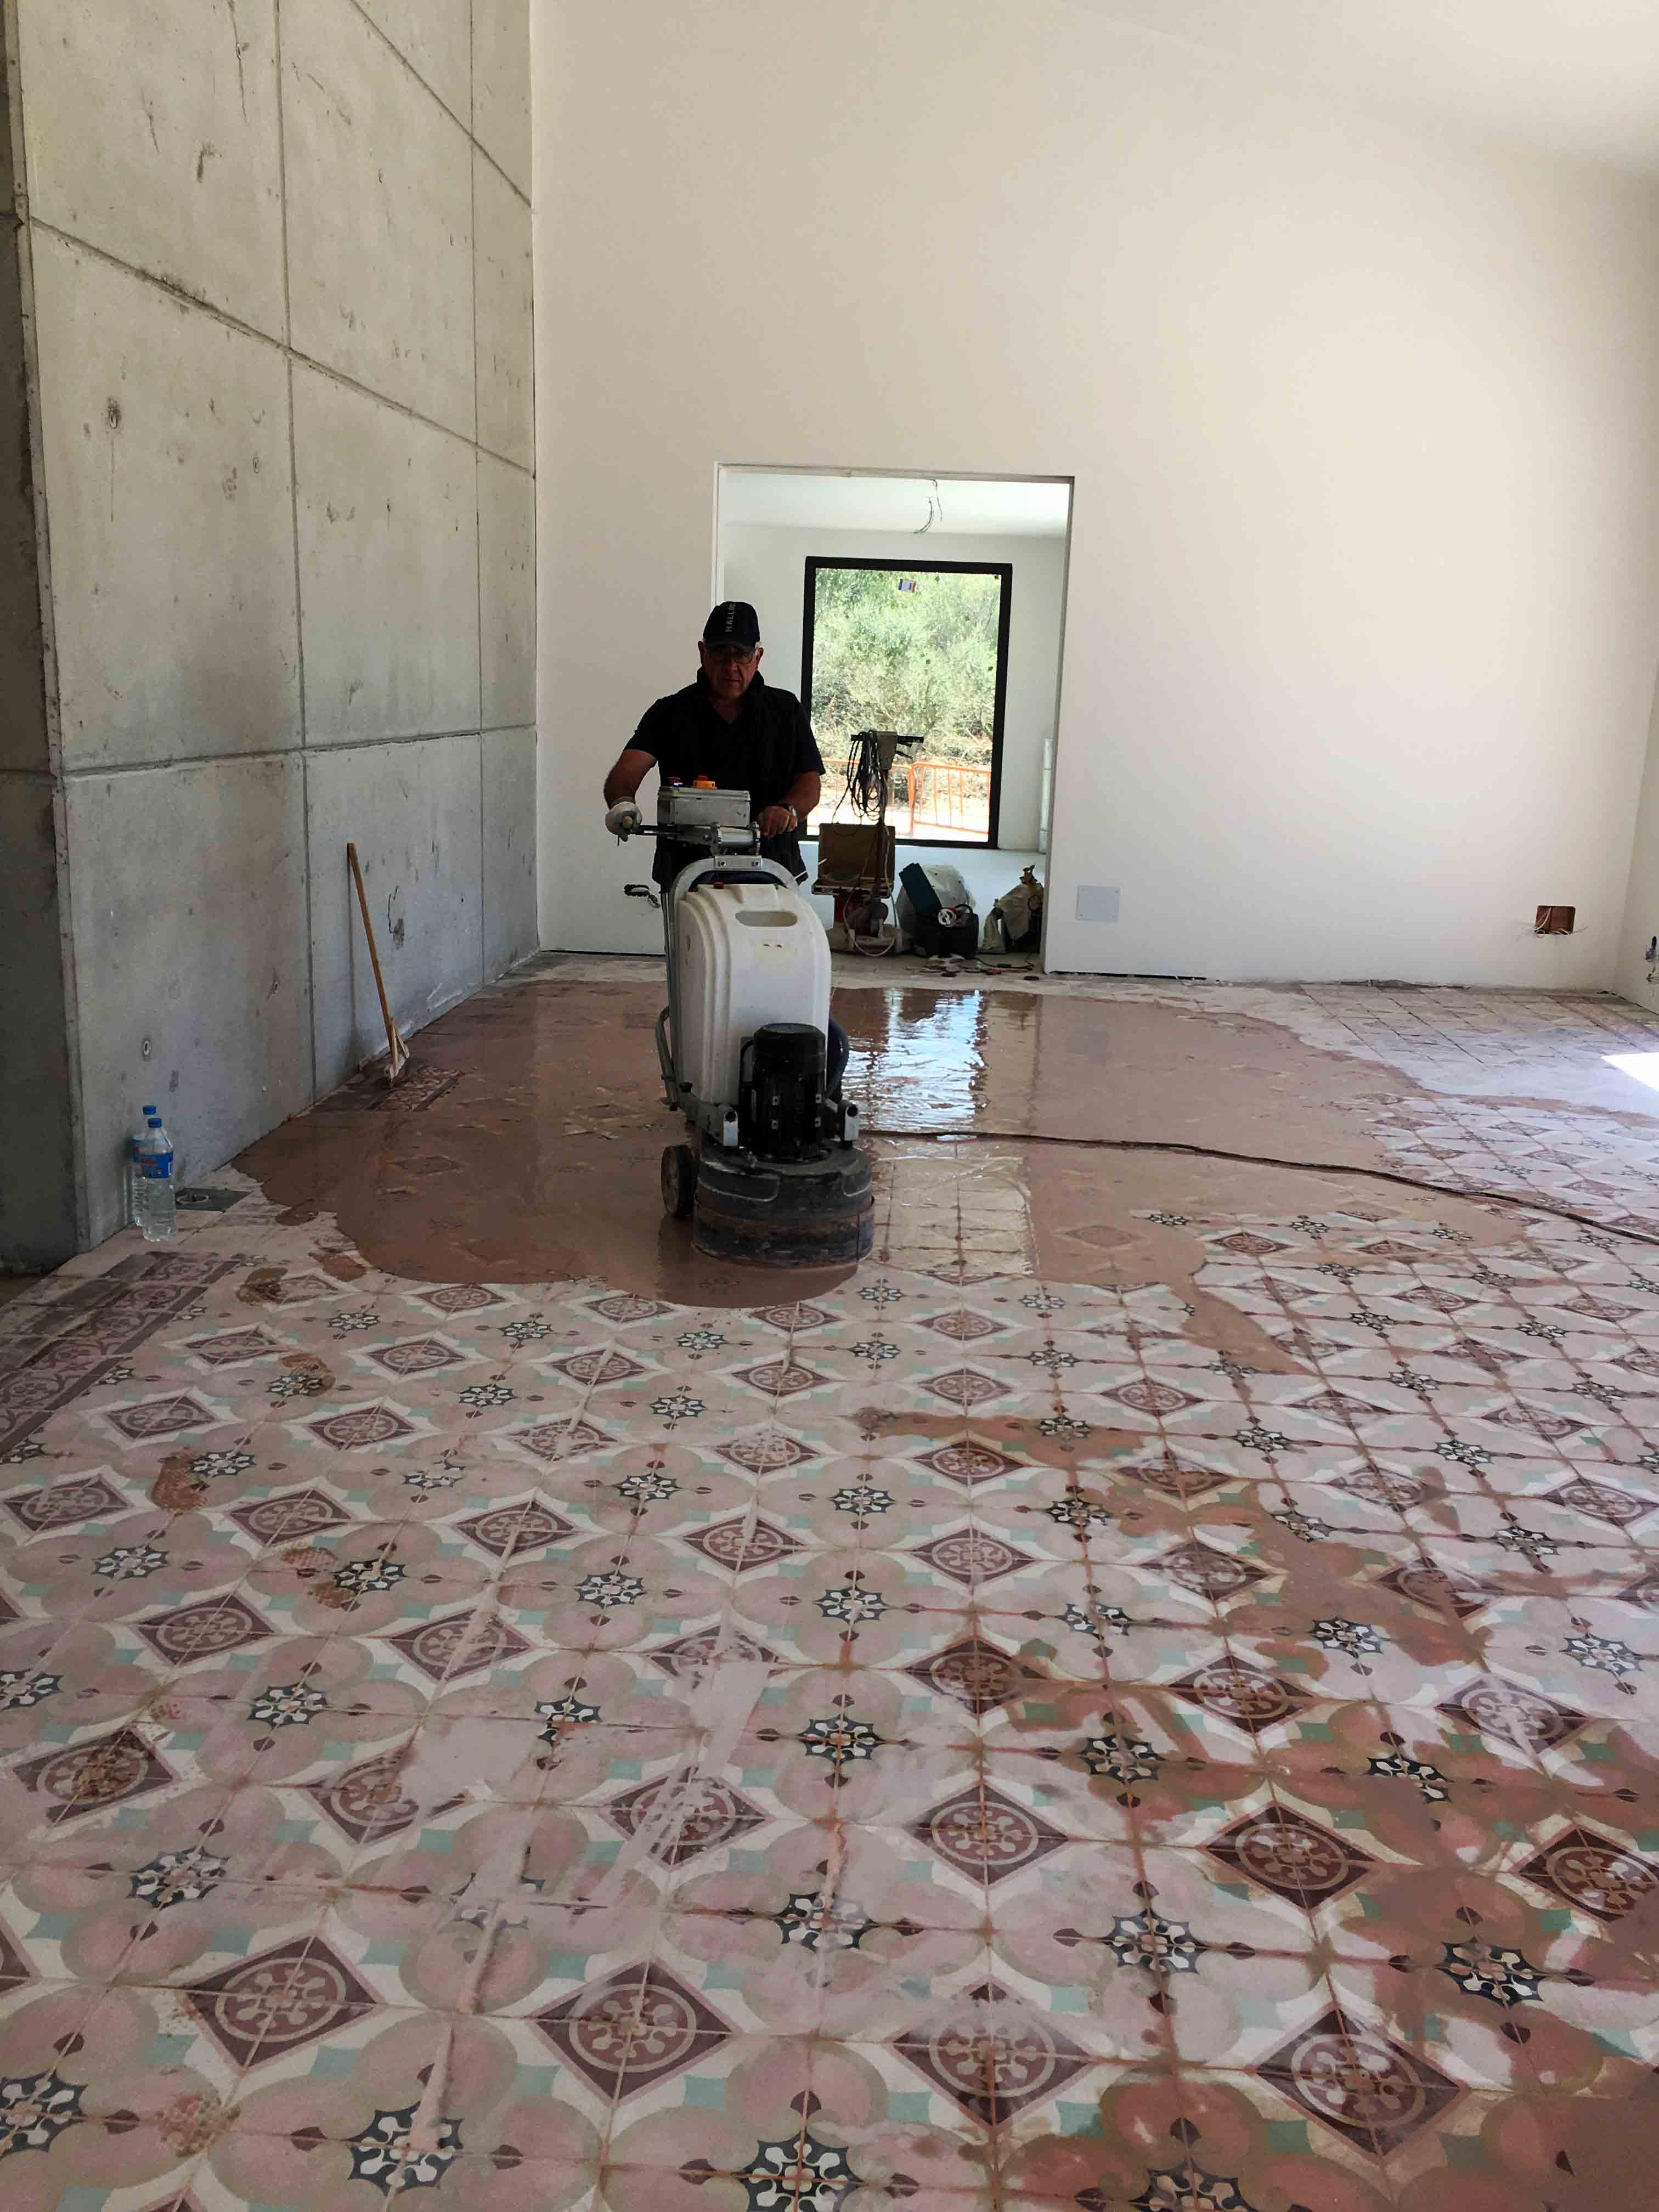 MosaicosBarcelona-Recuperacción-abrillantado-y-acristalado-de-suelos-de-mosaico-hidraulico-en-vivienda-en-Mallorca-4